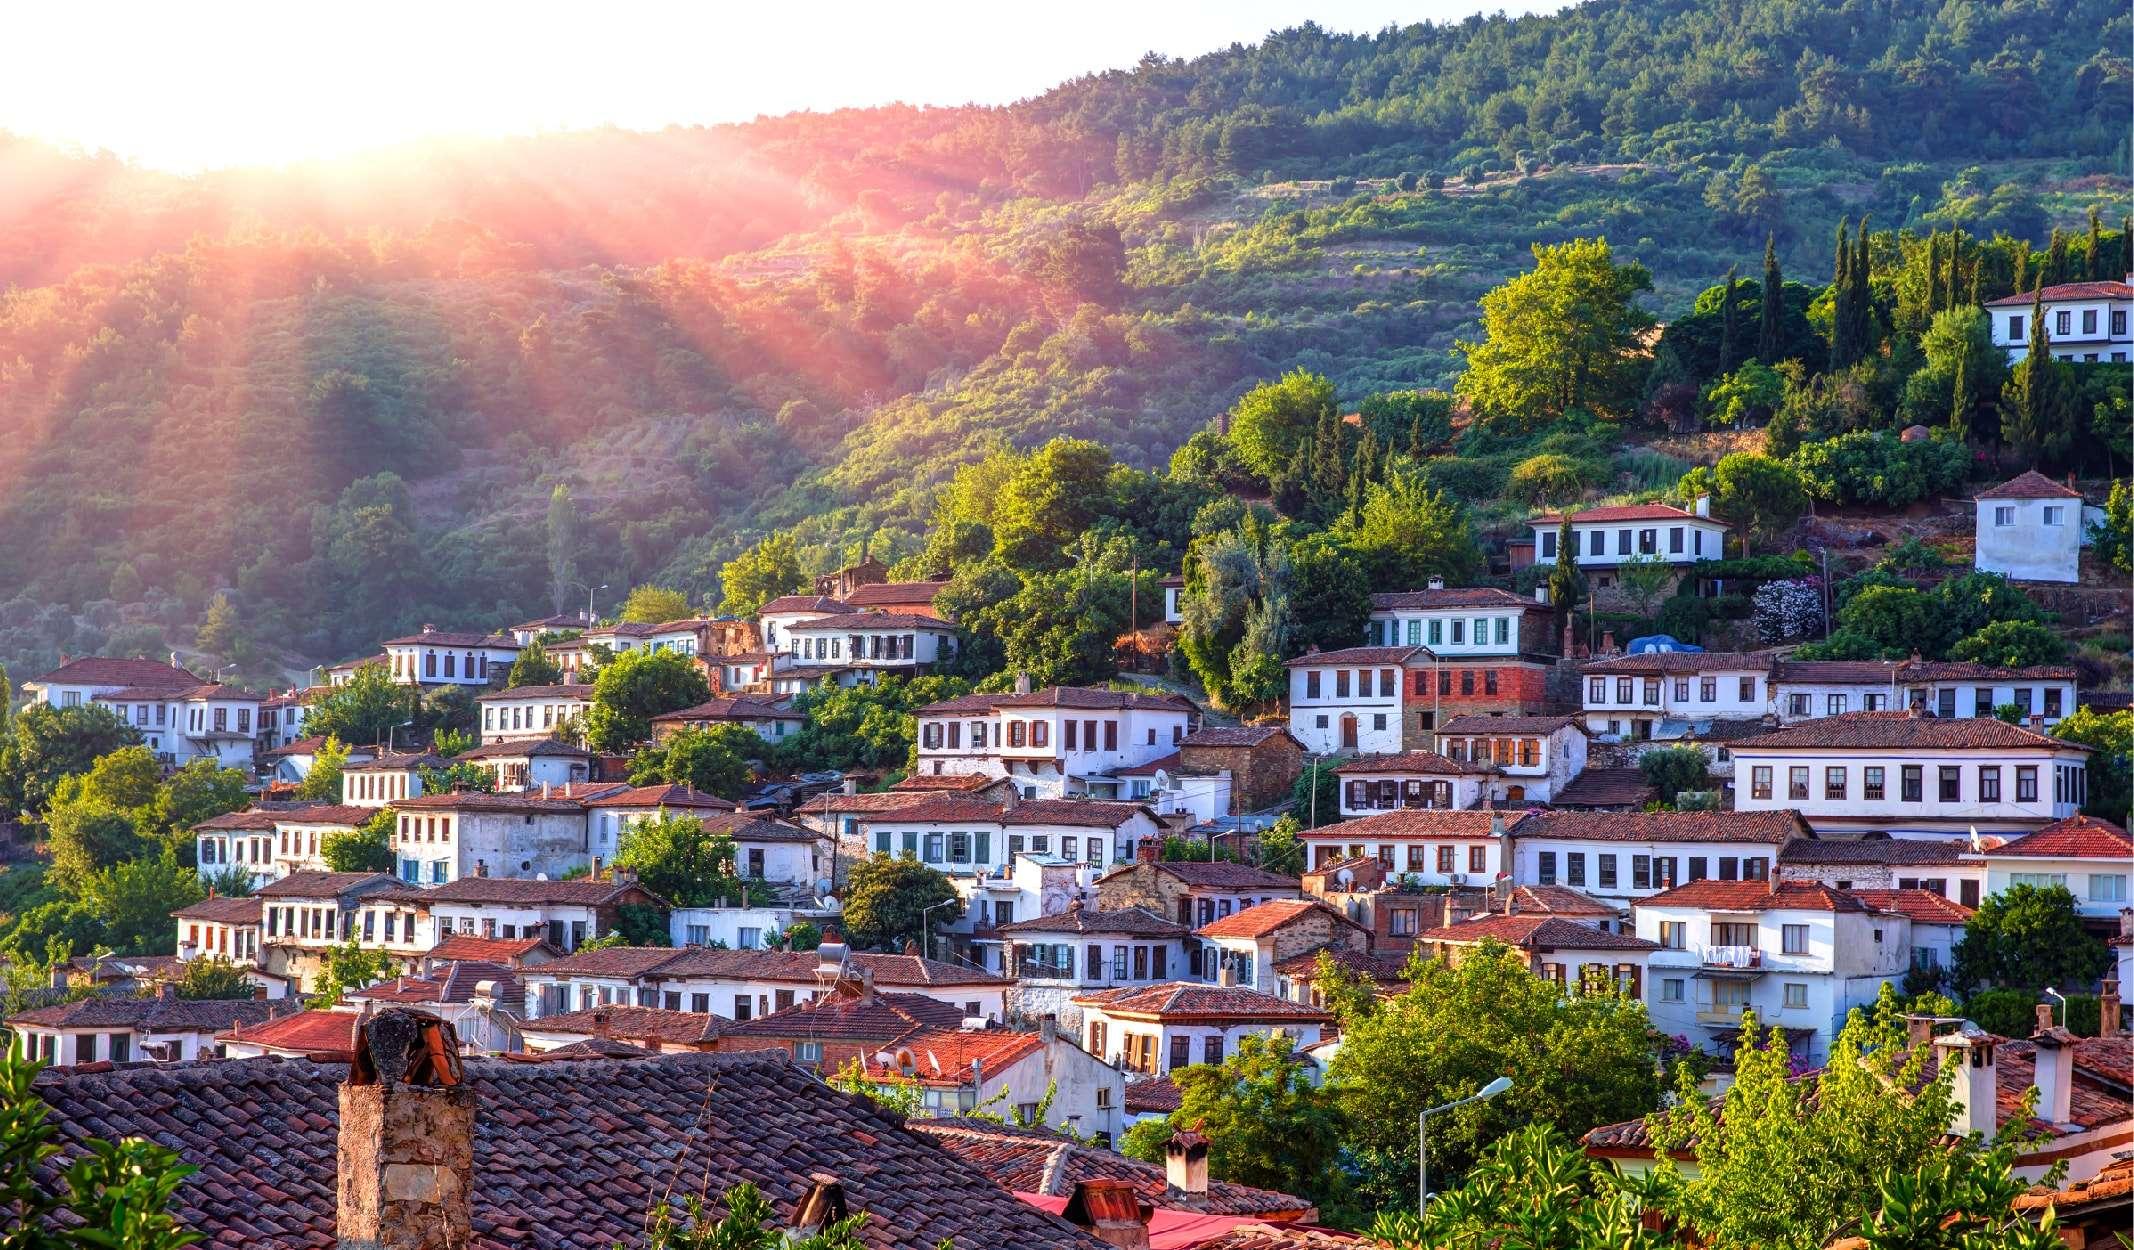 نگاهی گذرا به روستای شیرینجه کوشی آداسی